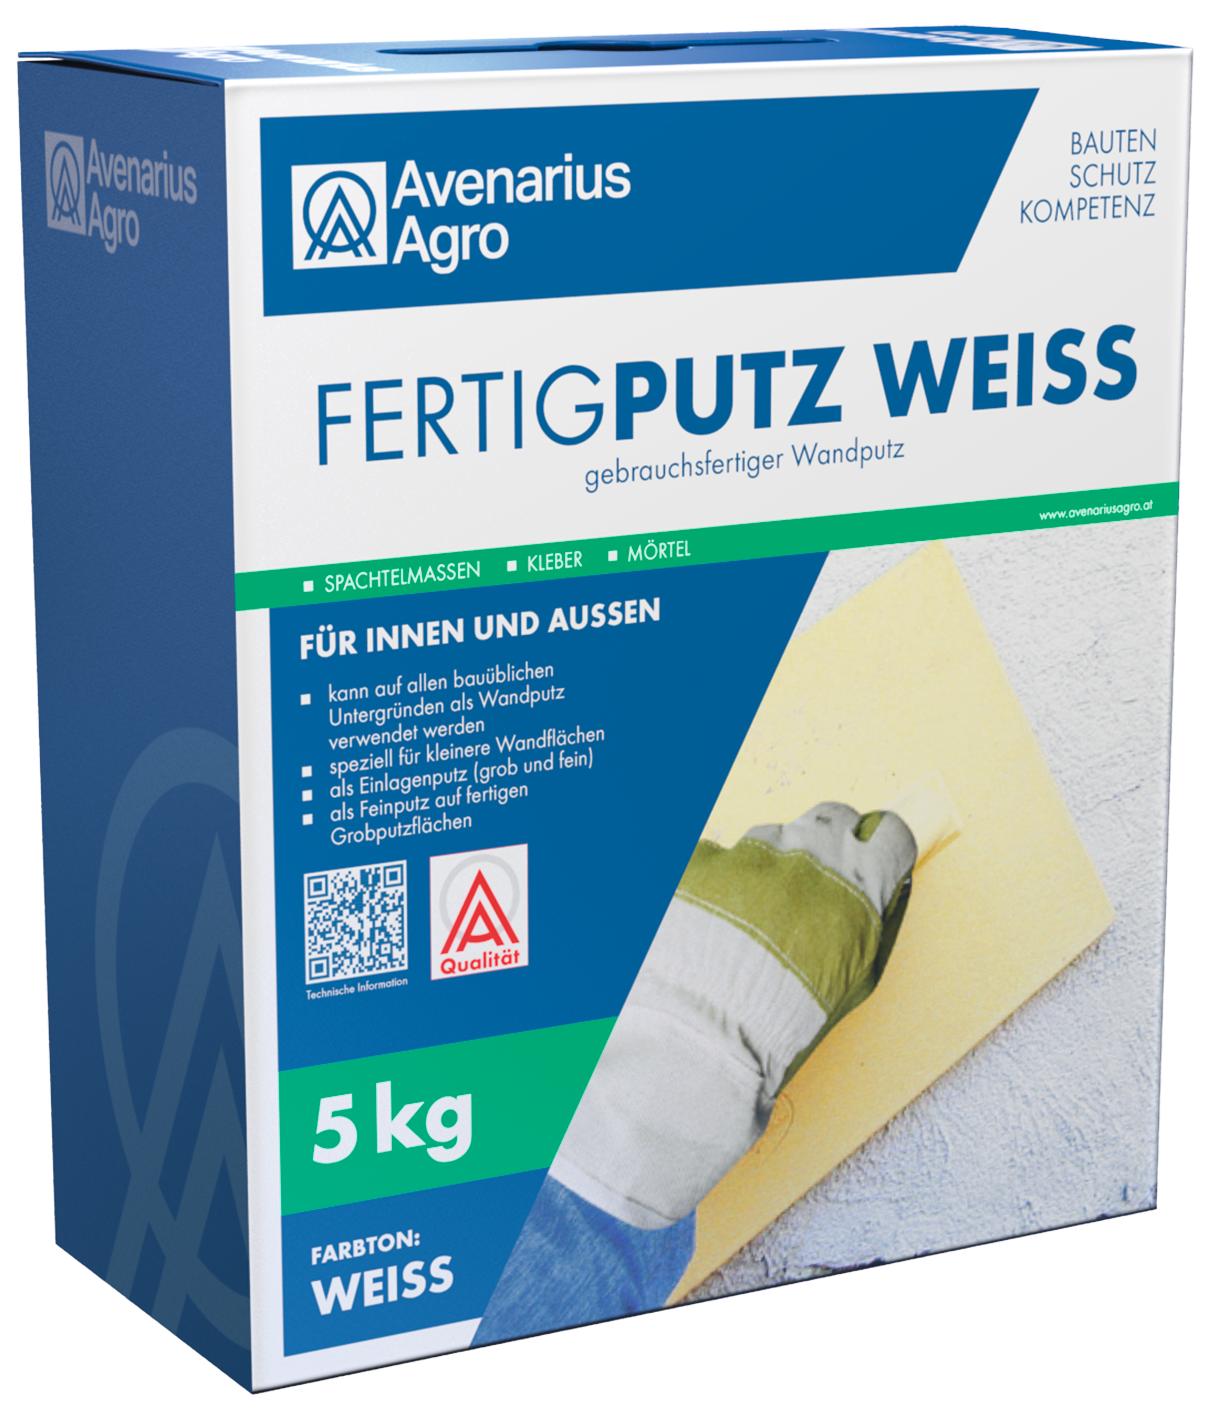 fertigputz weiß 5 kg | lagerhaus salzburg